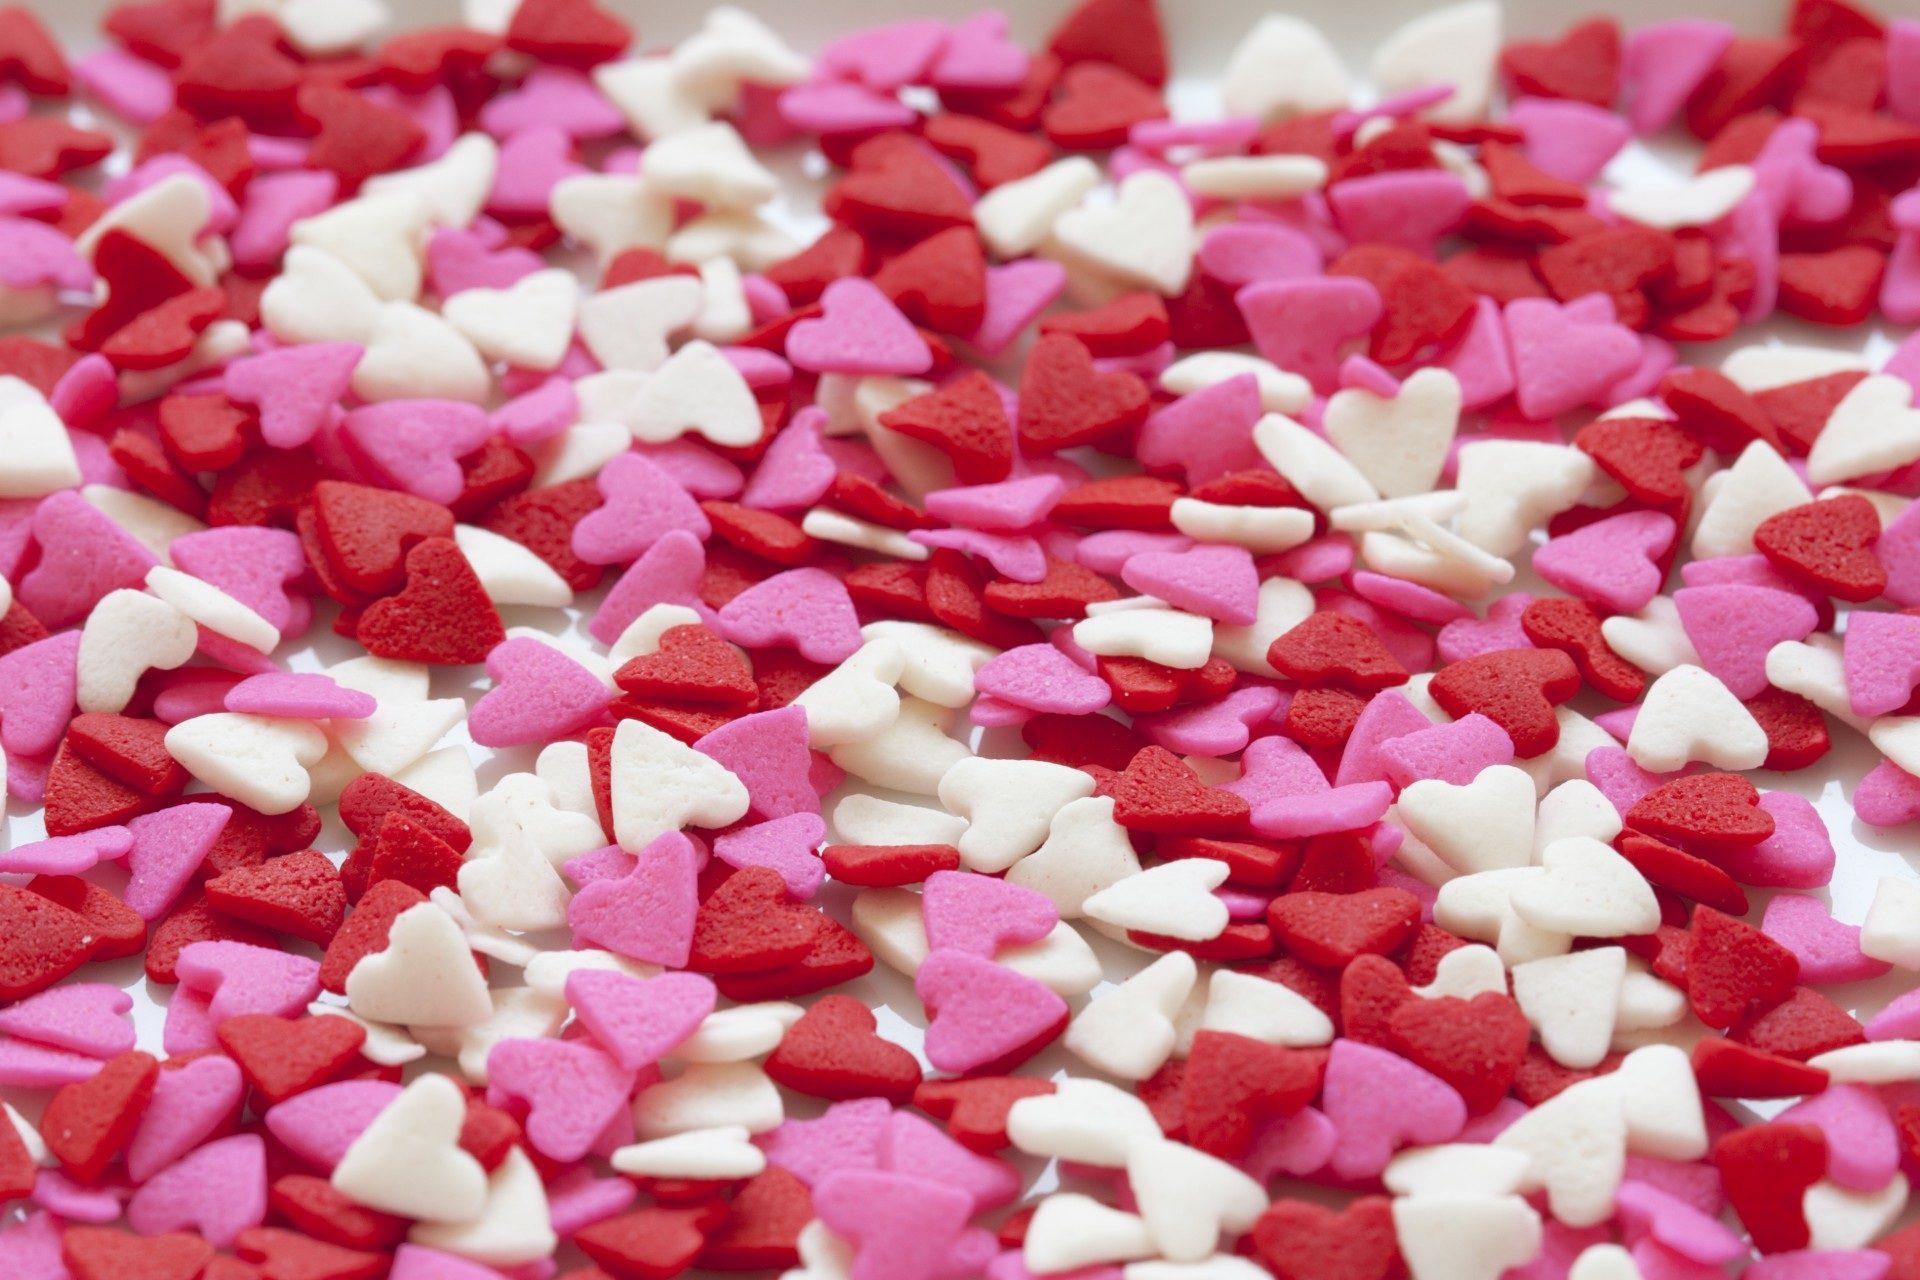 corazones, formas, amor, colorido, rosa, rojo - Fondos de Pantalla HD - professor-falken.com